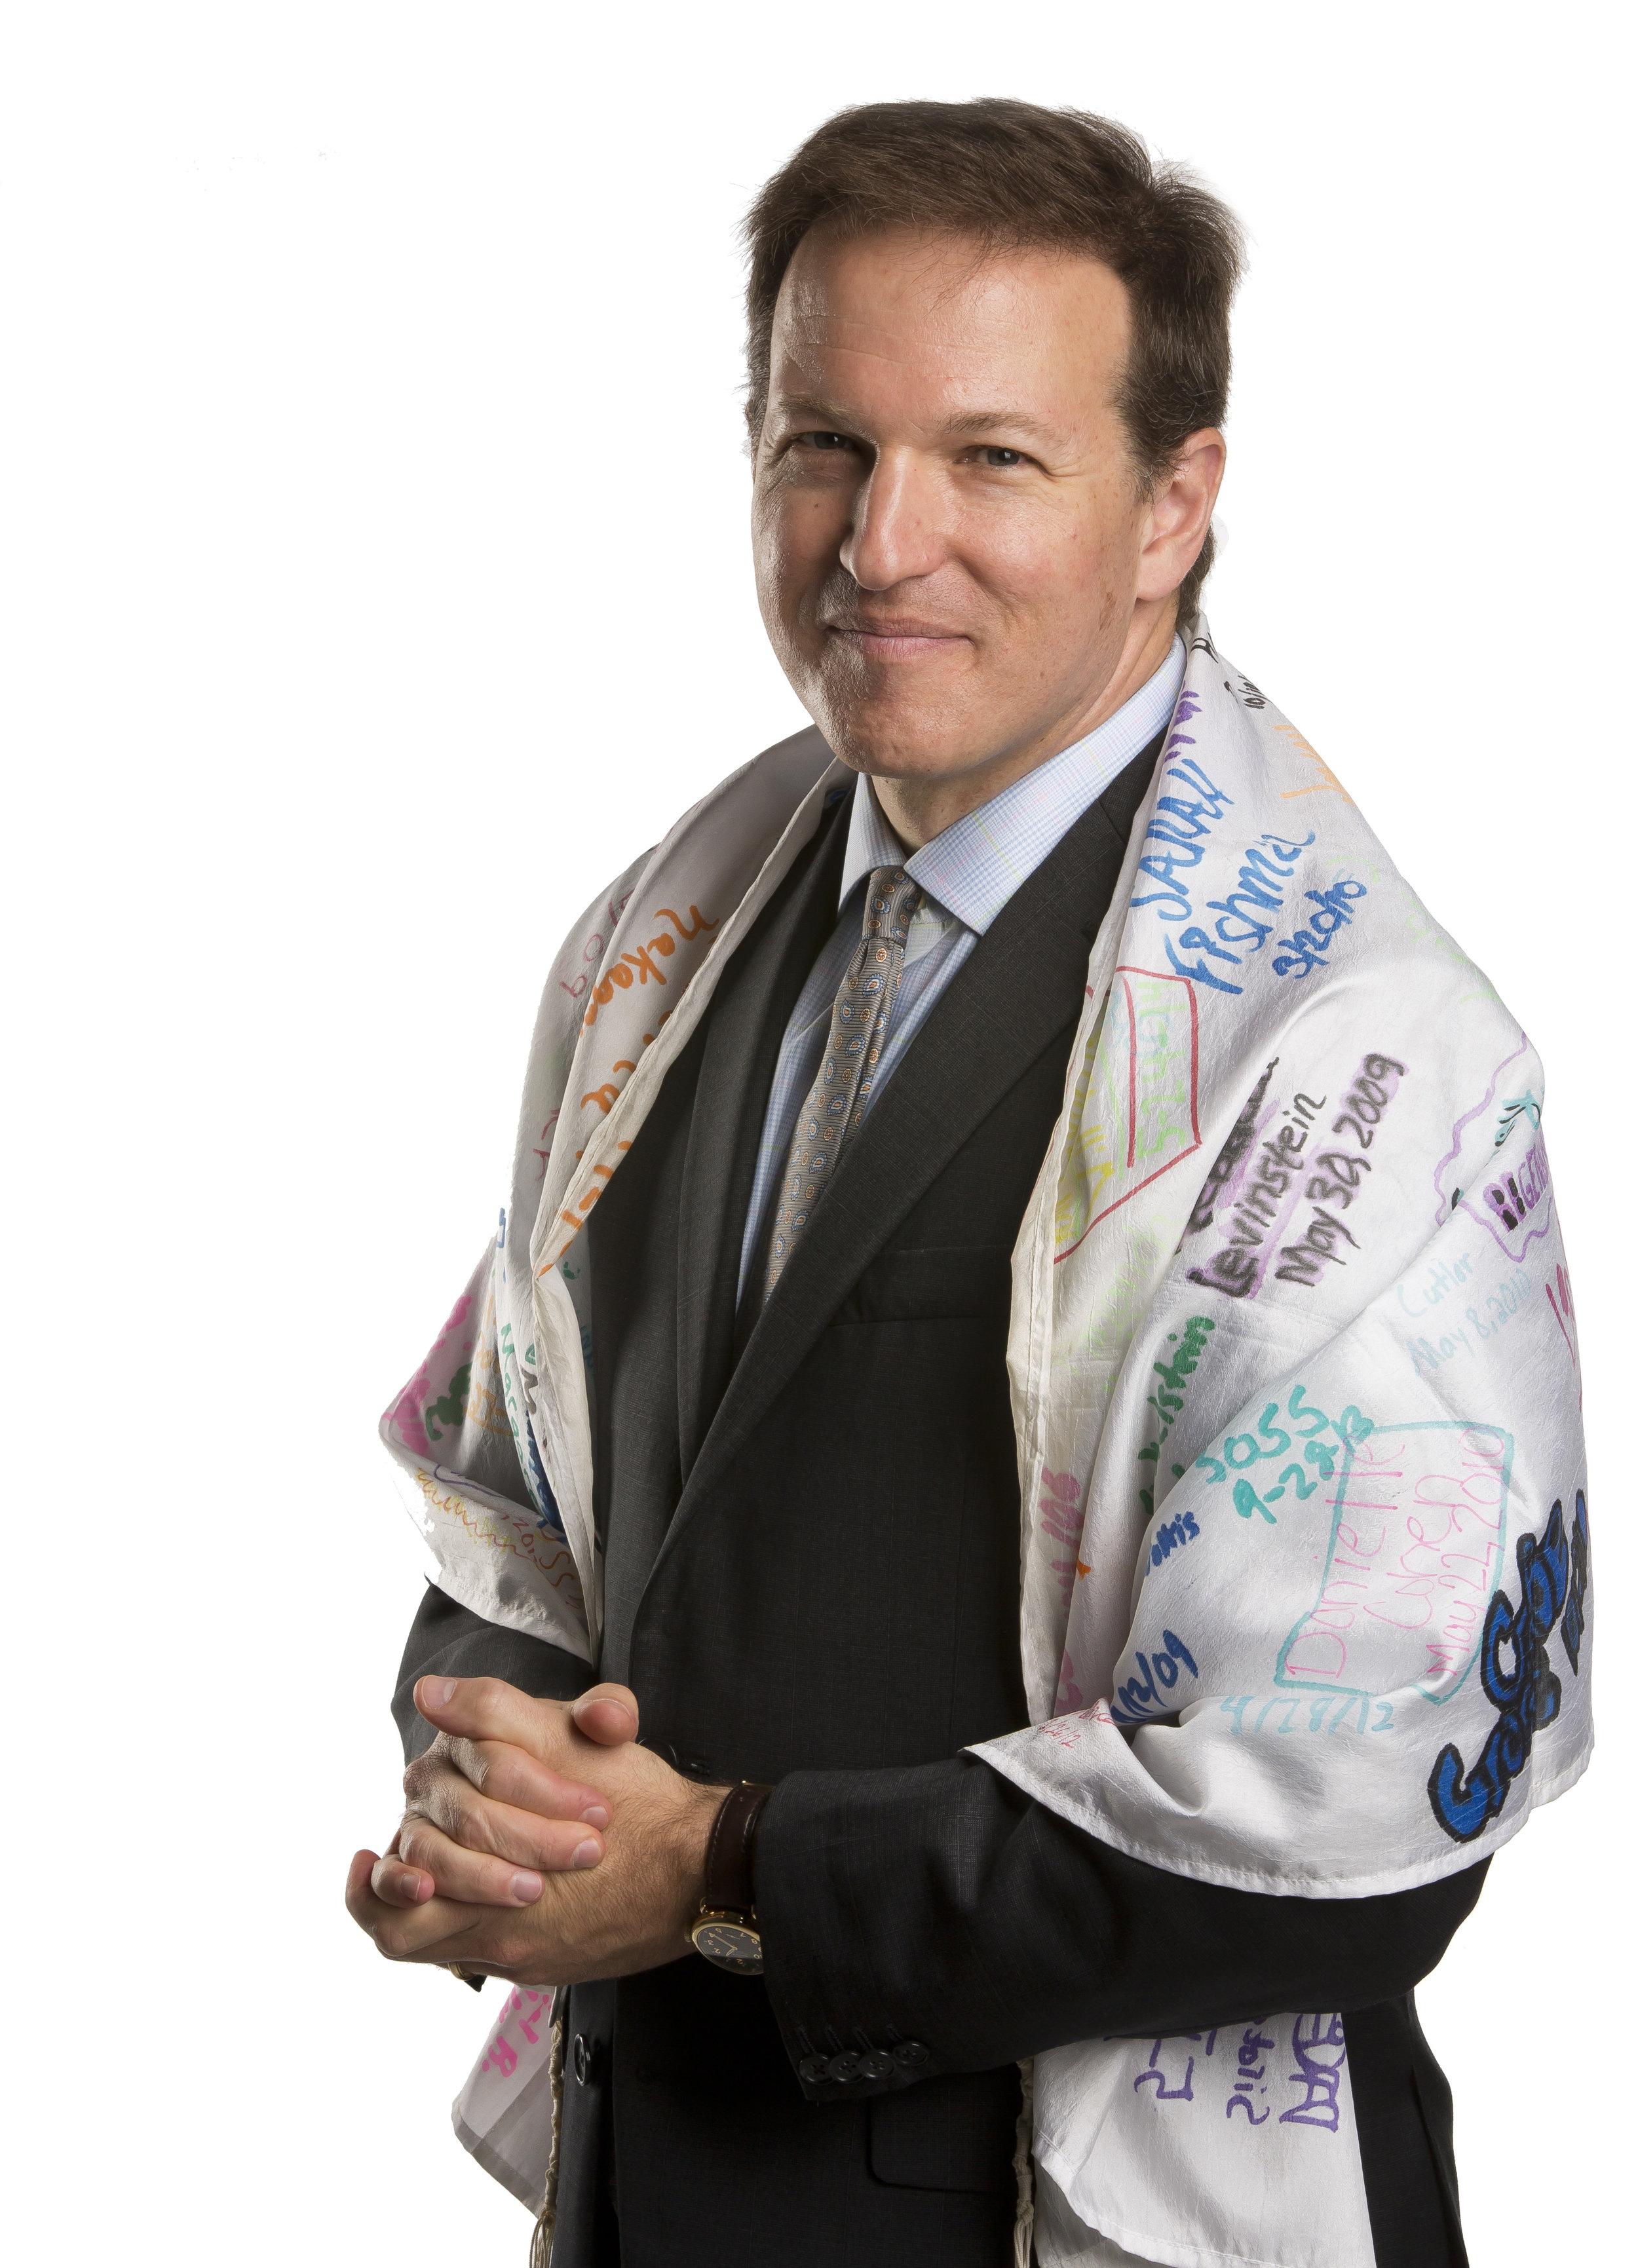 Rabbi Larry Freedman